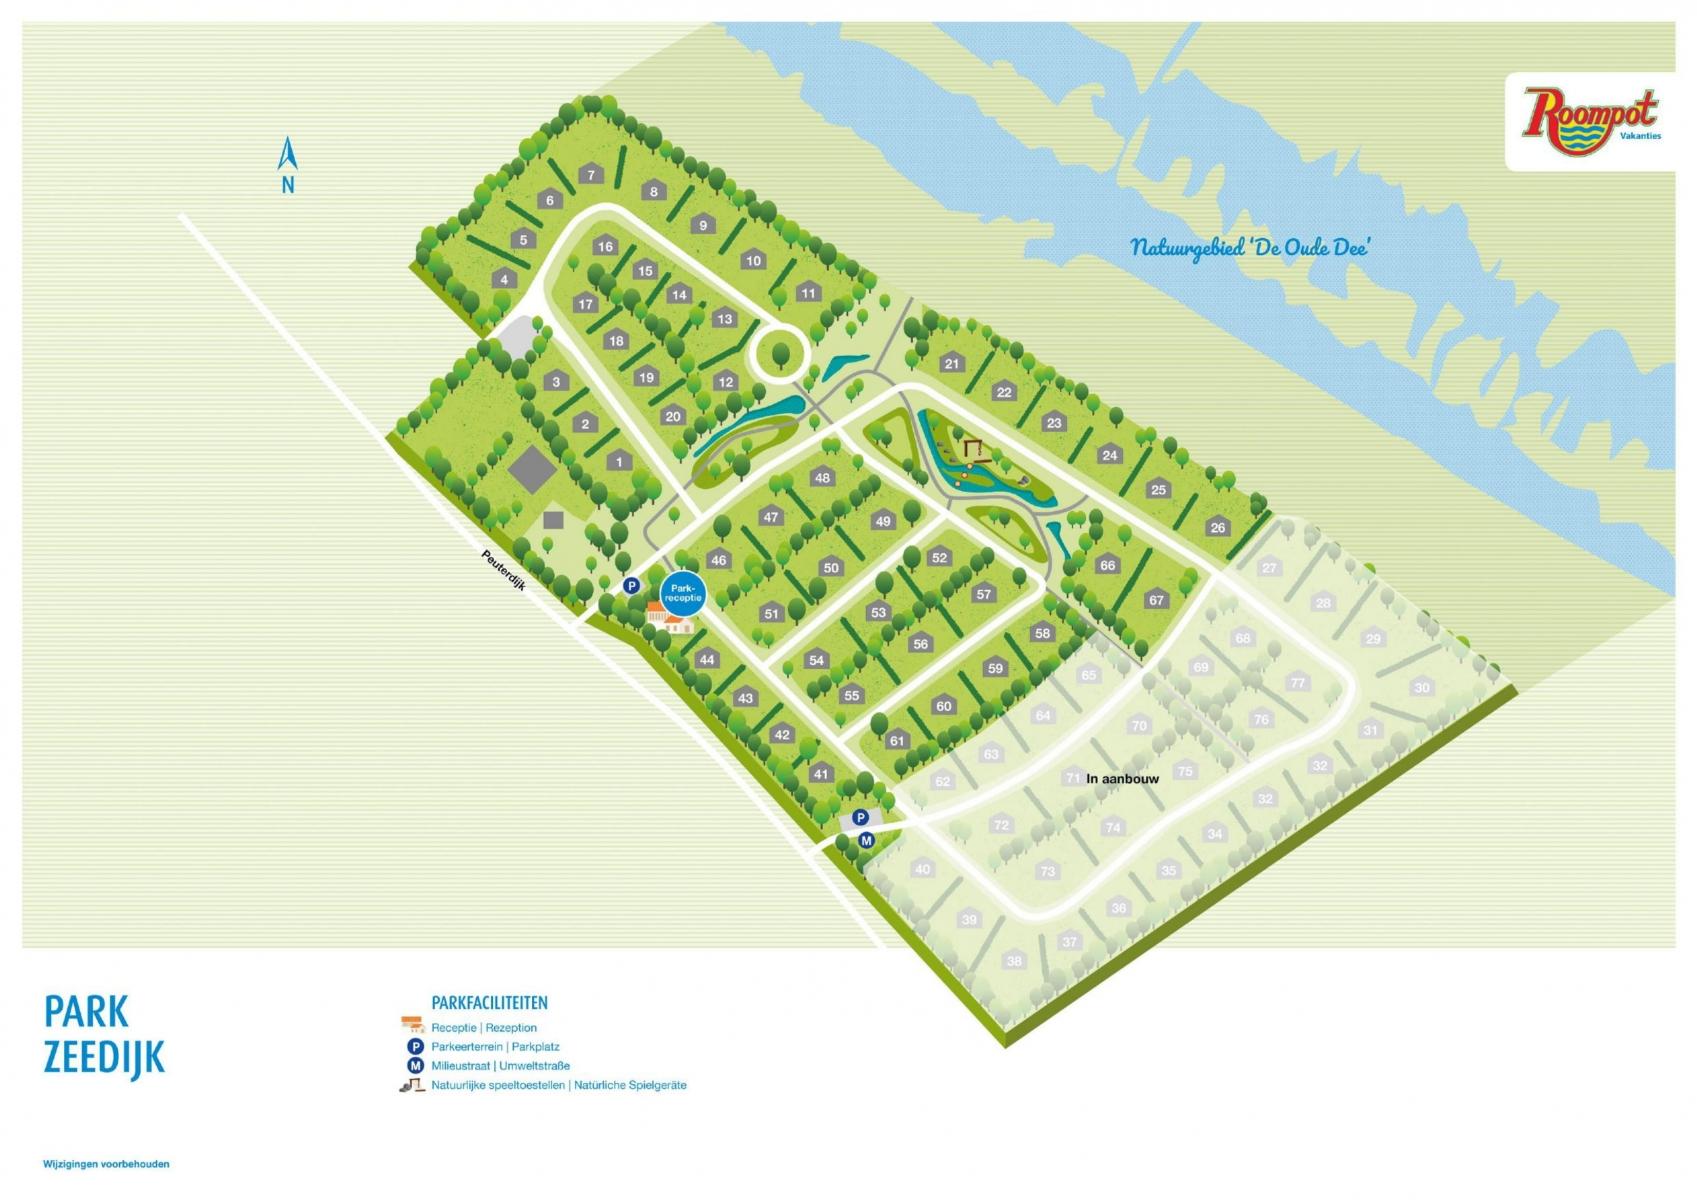 Roompot Park Zeedijk